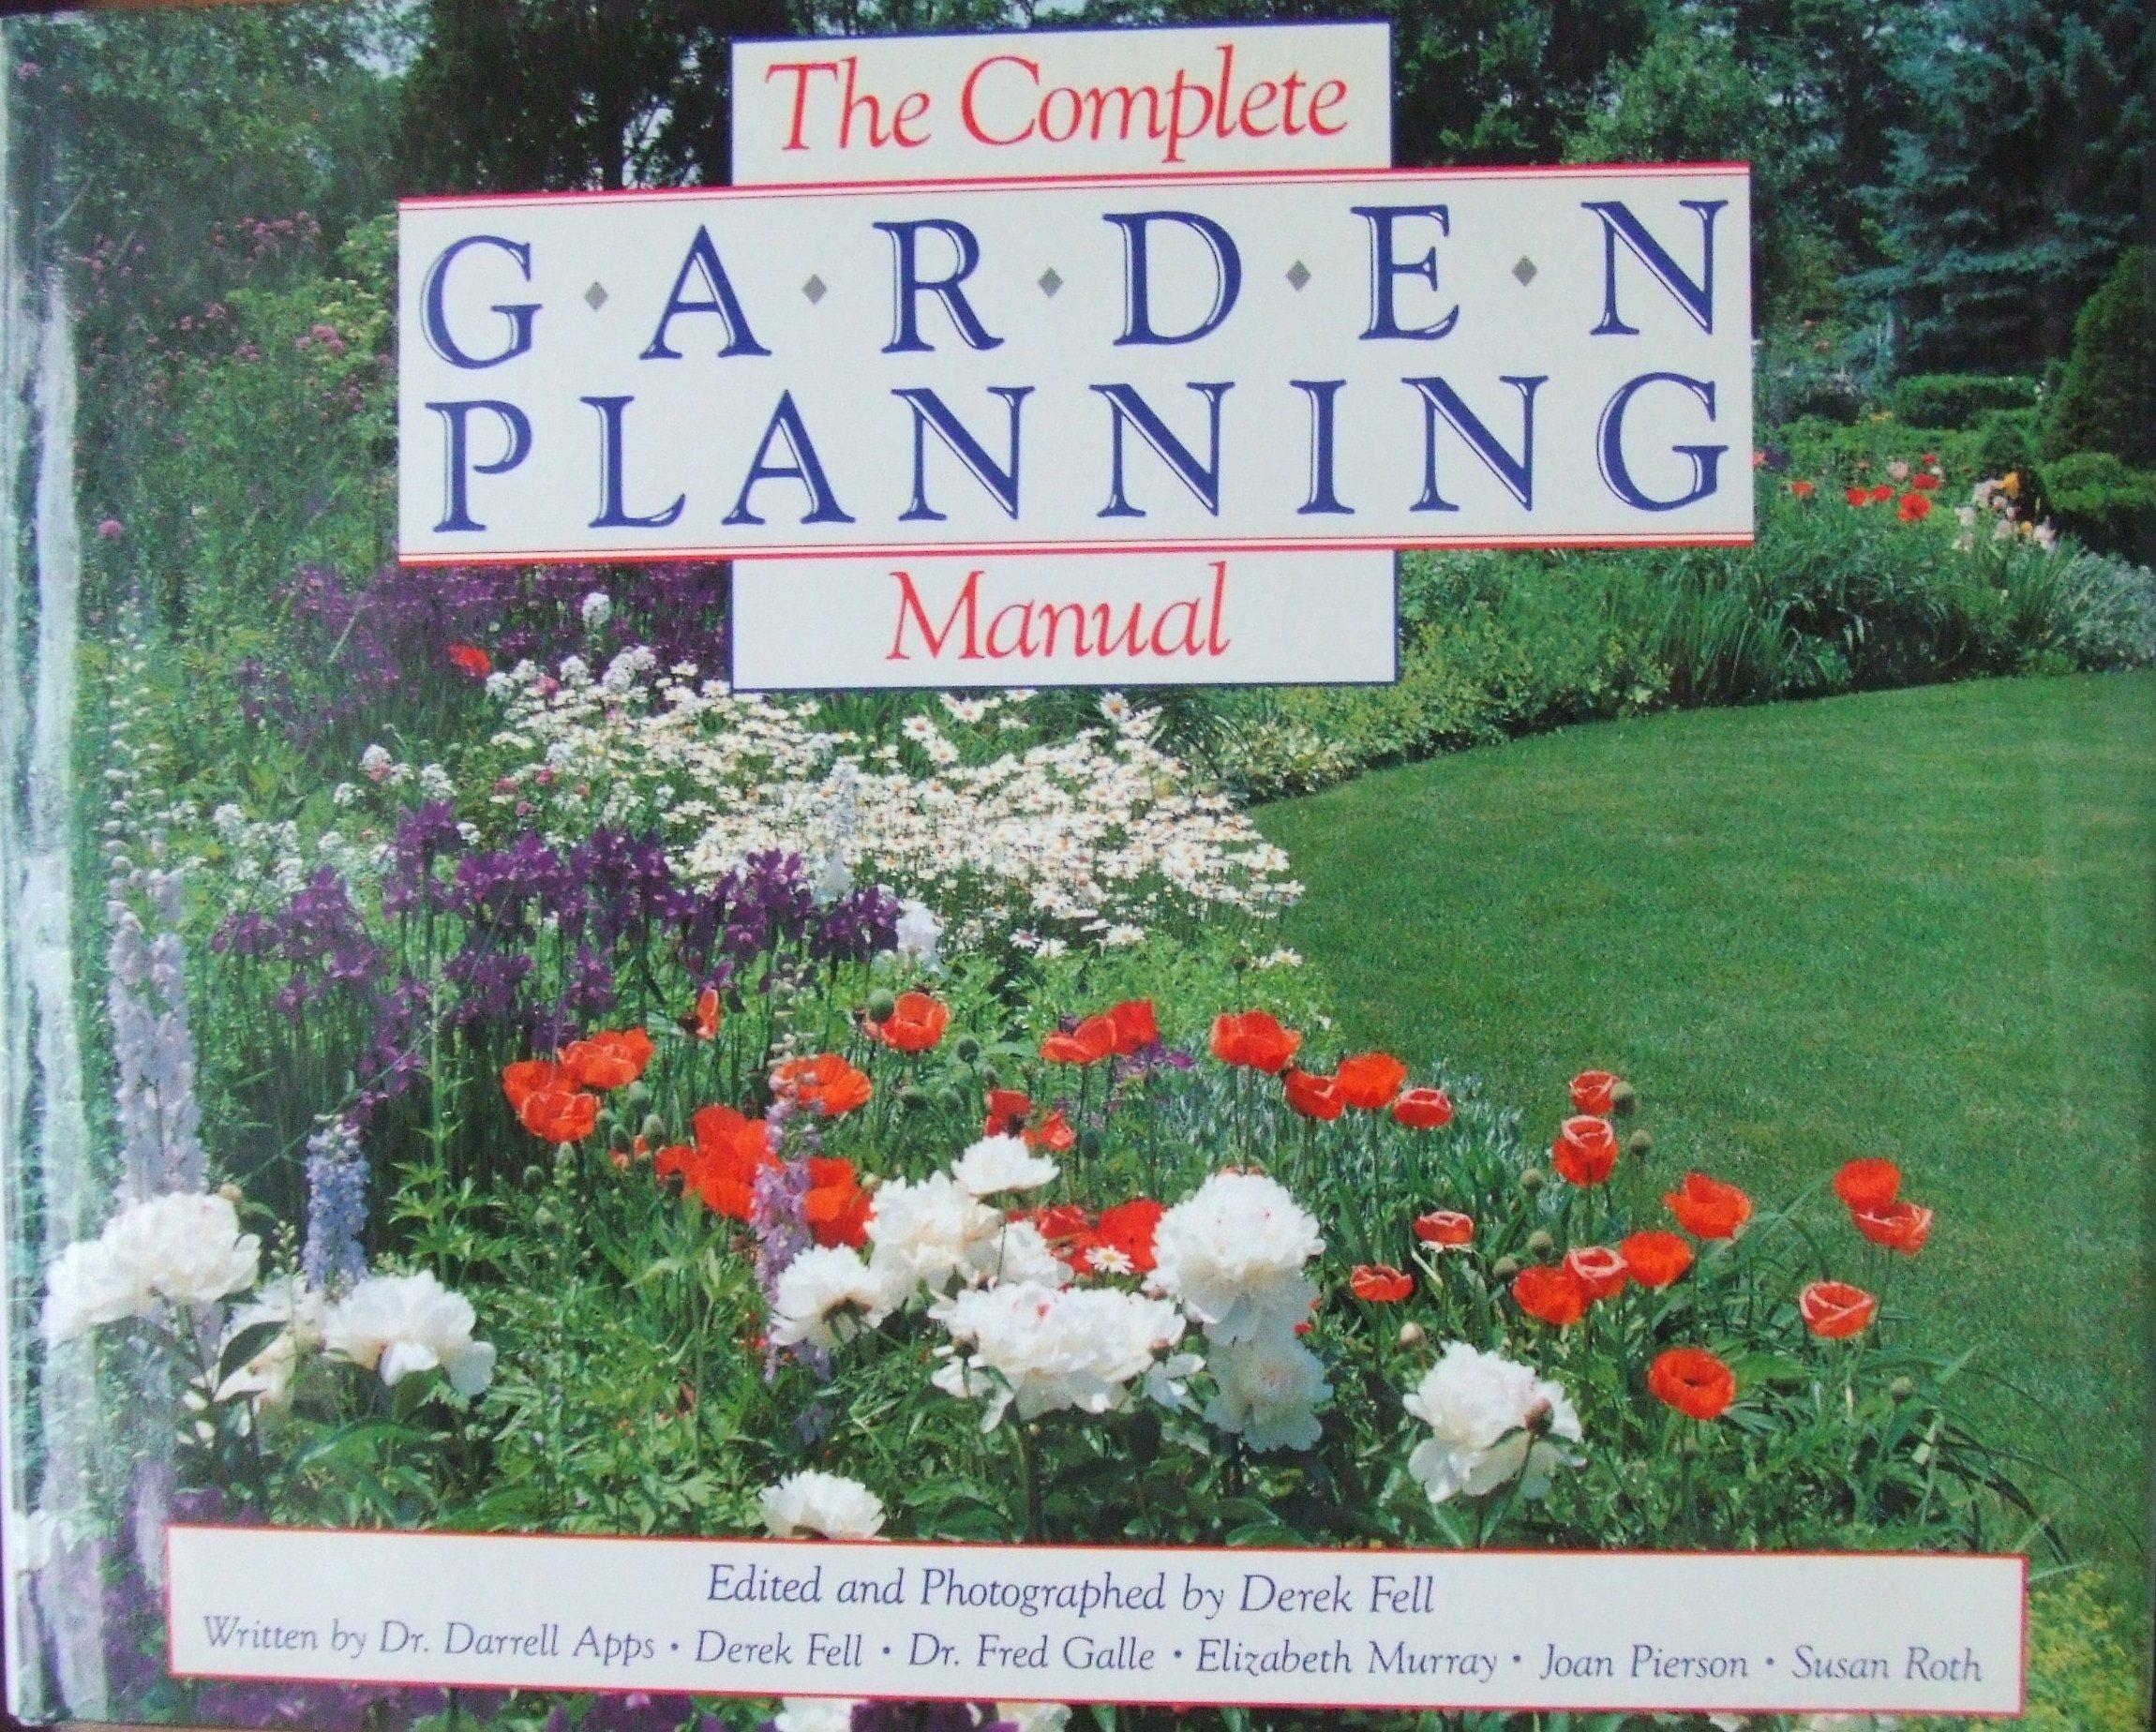 The Complete Garden Planning Manual Darrell A Apps Derek Fell